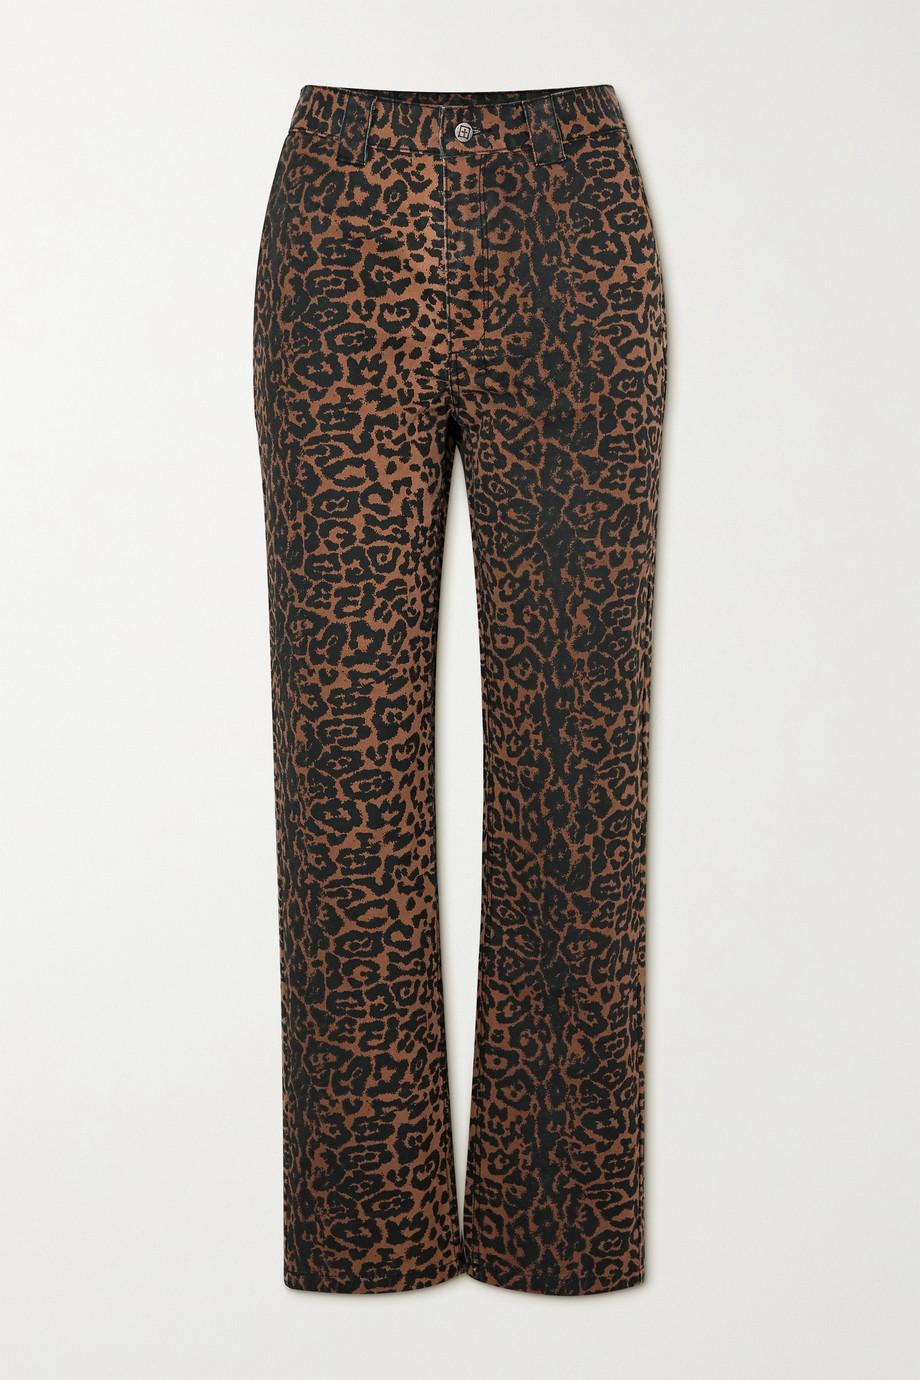 Ksubi Dynamo hoch sitzende Jeans mit geradem Bein und Leopardenprint